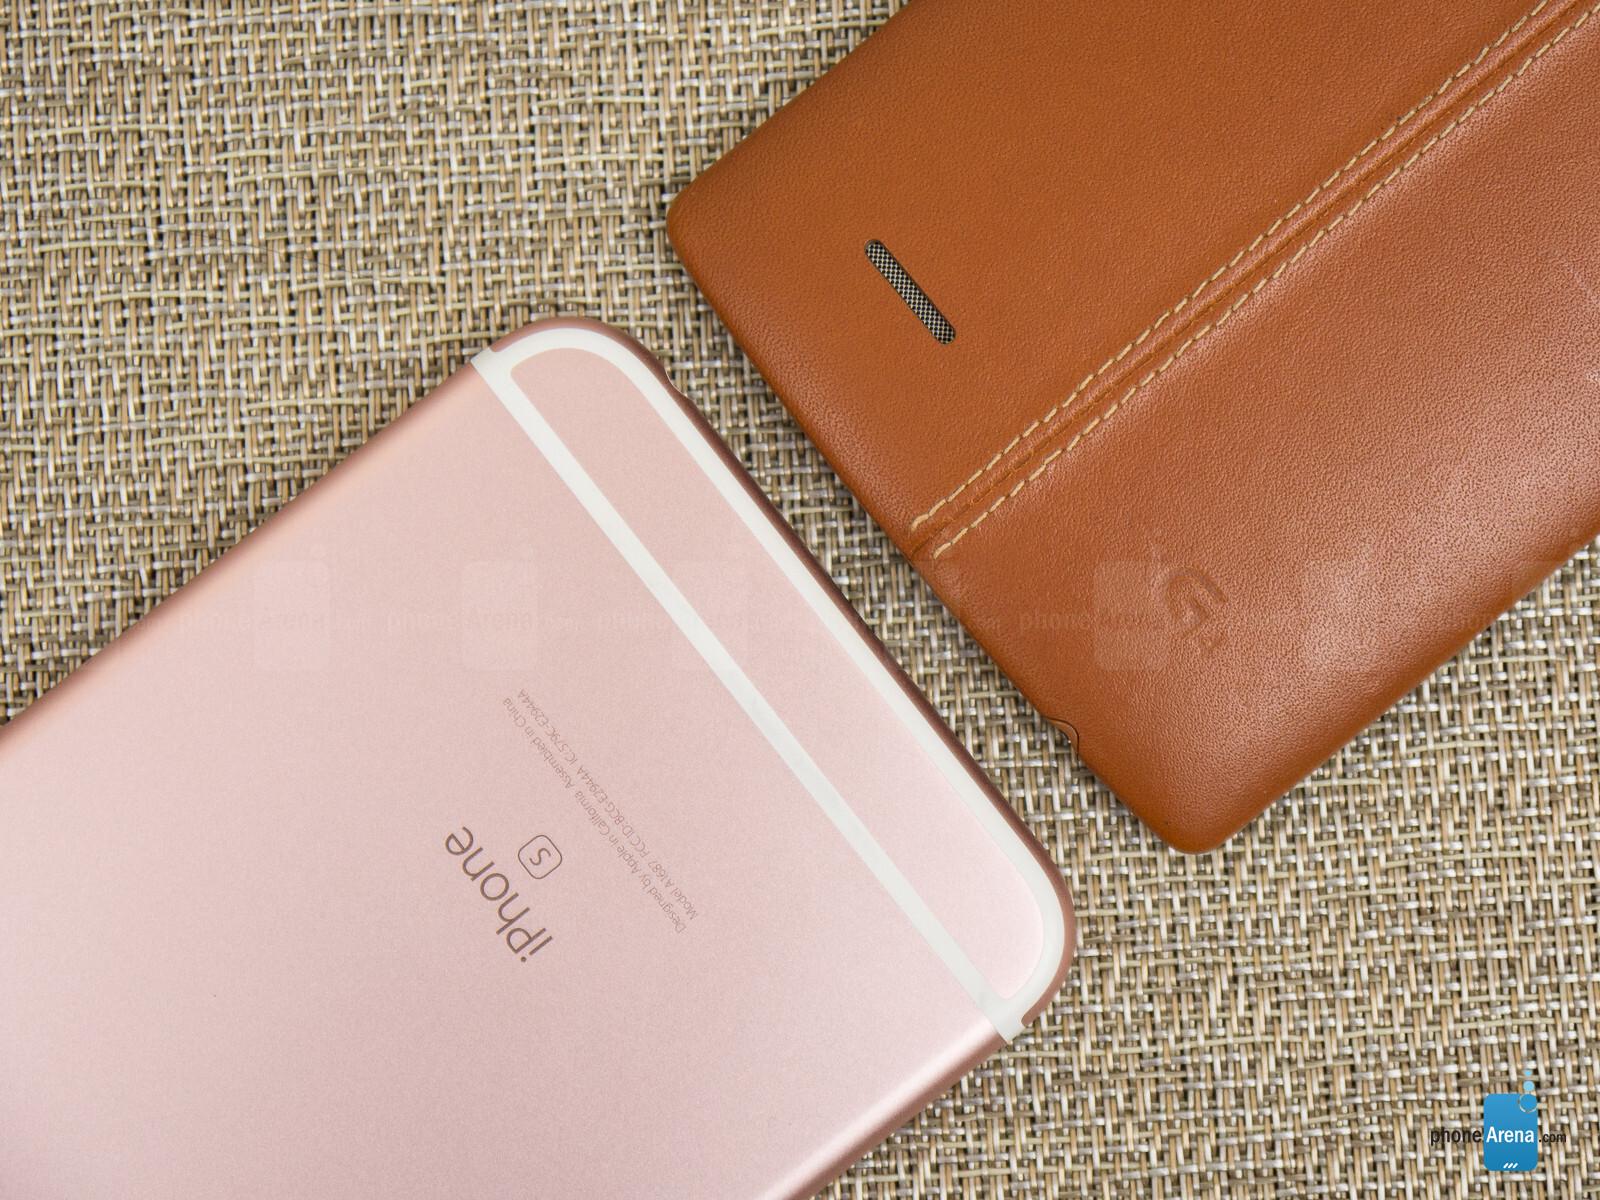 lg g4 v iphone 6s plus